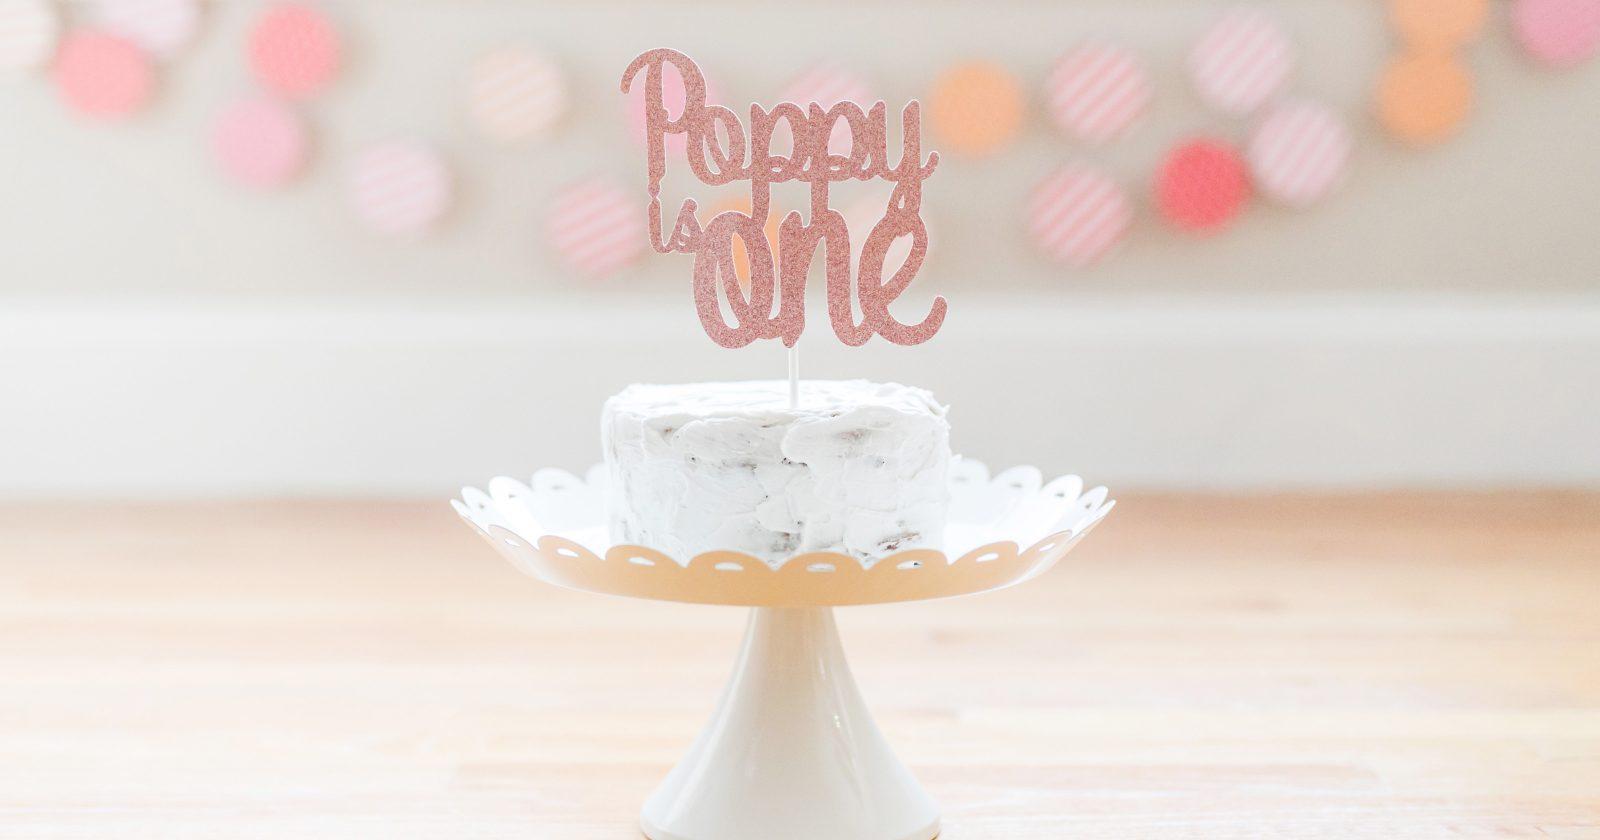 Boston Cake Smash Photos – Poppy is One!